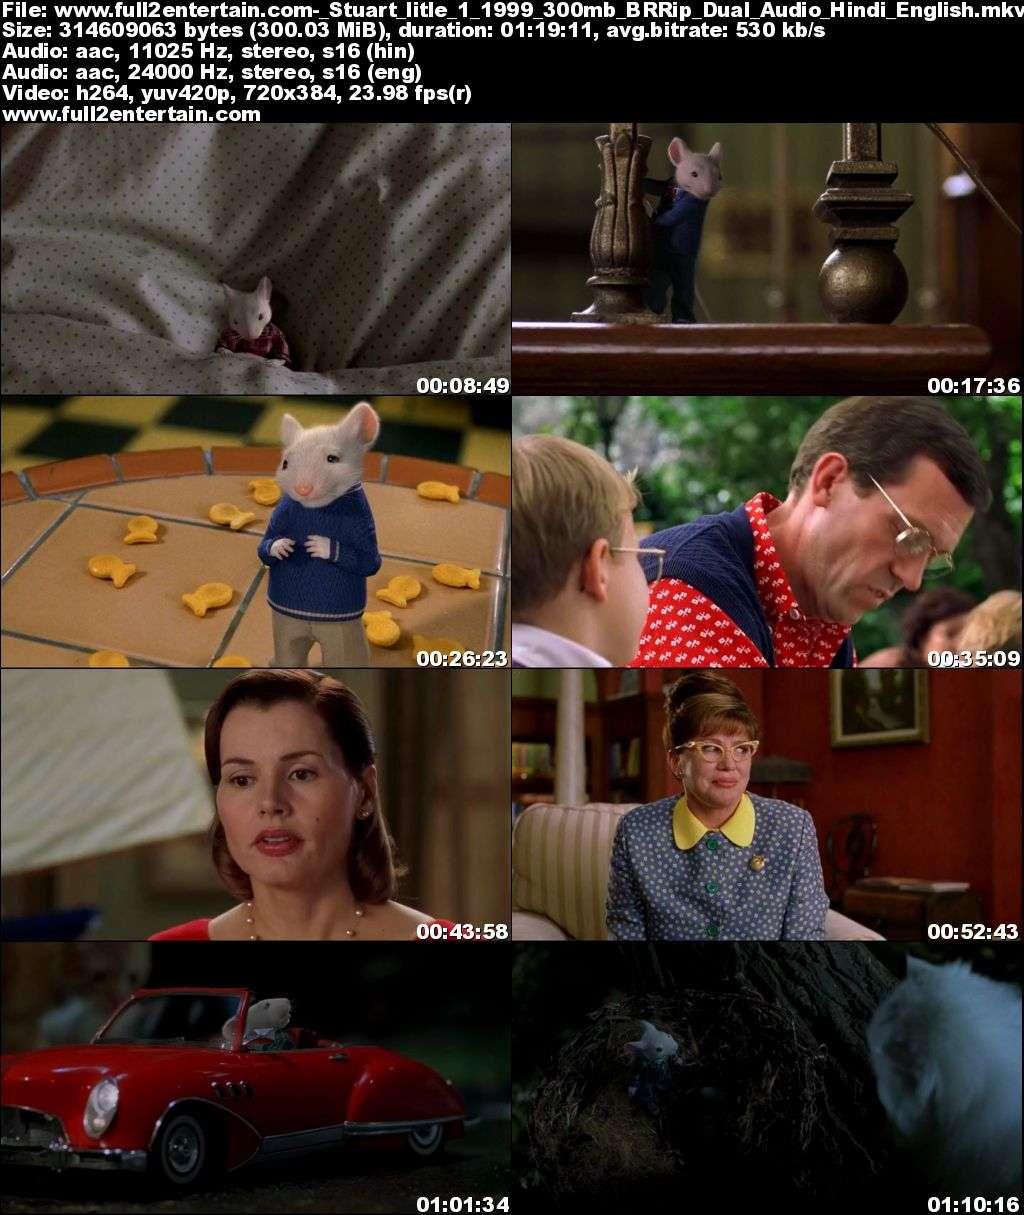 Stuart Little 1 (1999) Full Movie Free Download HD 300mb